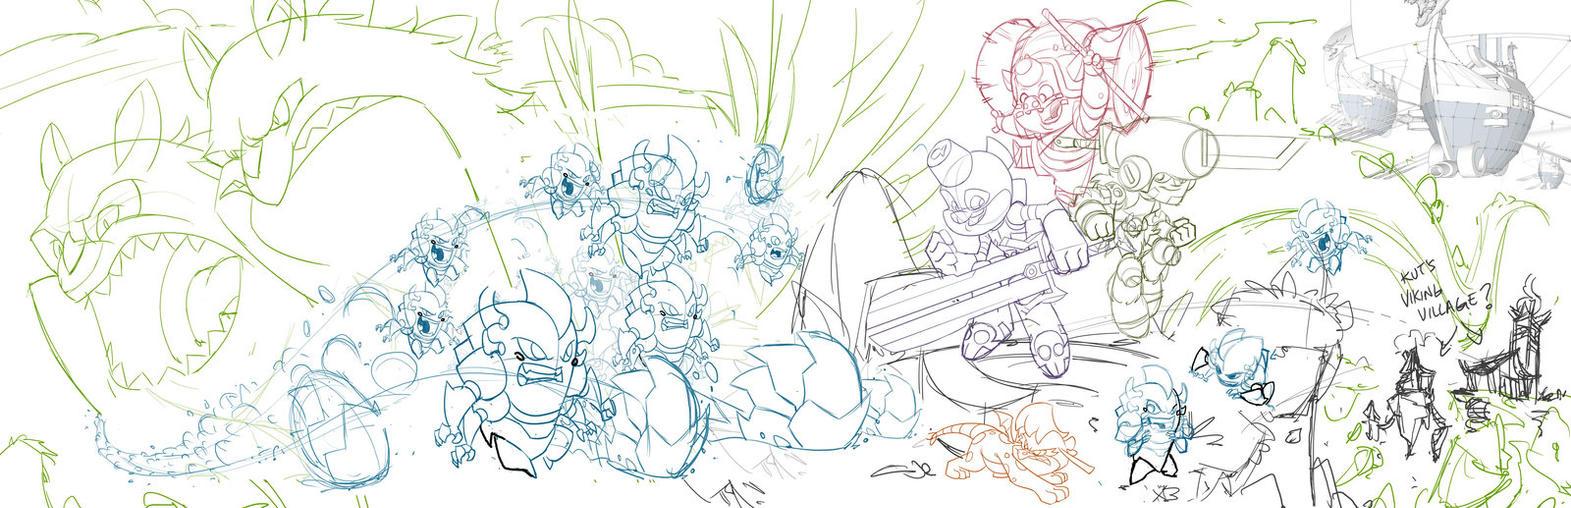 Little Big Heads promo sneak peek by DerekLaufman